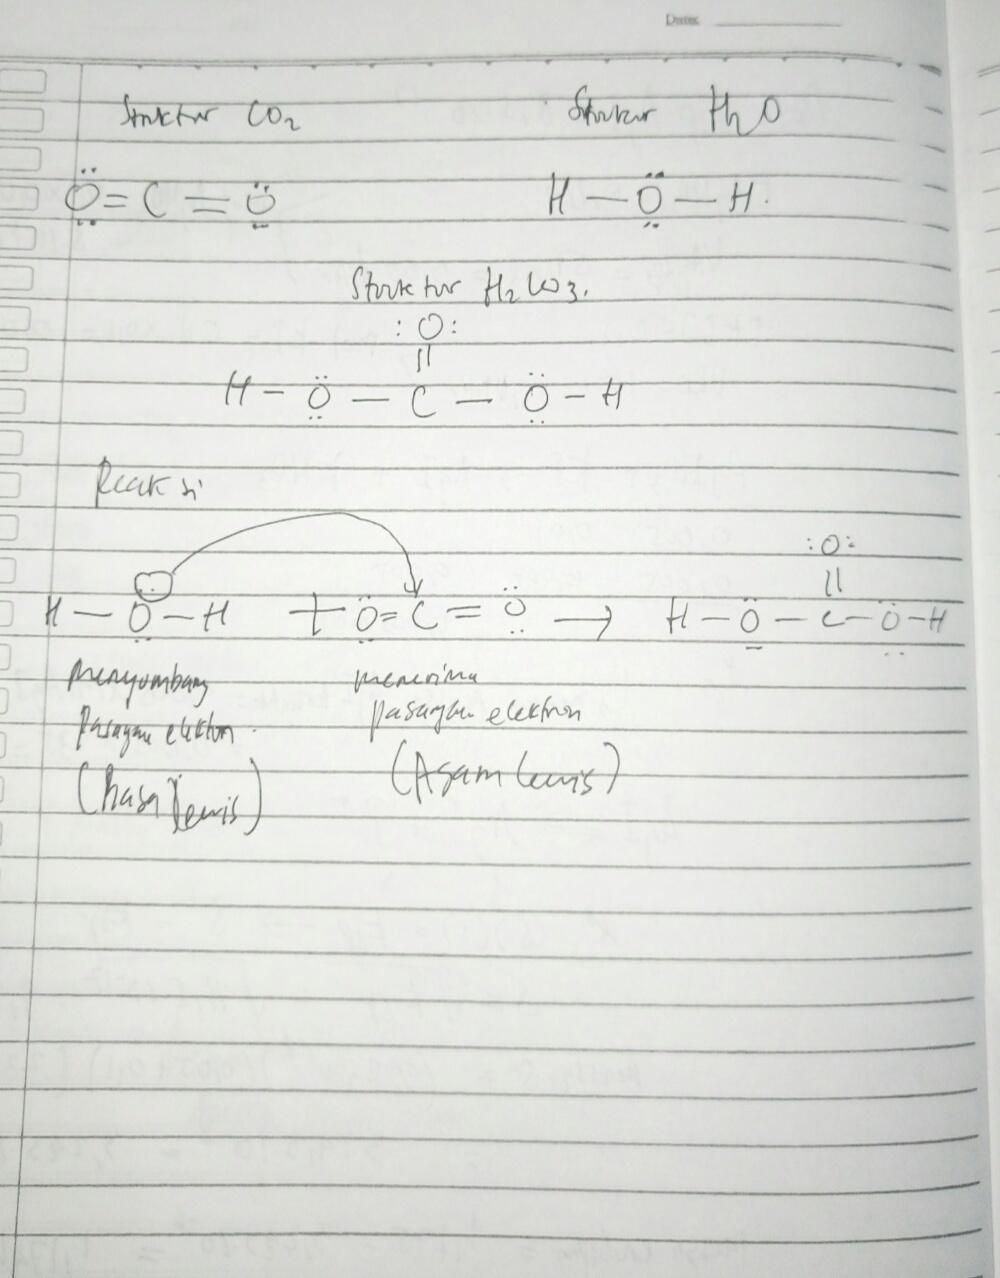 Menurut Teori Asam Basa Lewis Basa Adalah : menurut, teori, lewis, adalah, Konsep, Menurut, Lewis, Dapat, Untuk, Menjelaskan, Reaksi, Terjadi, CO2+H2O, Brainly.co.id